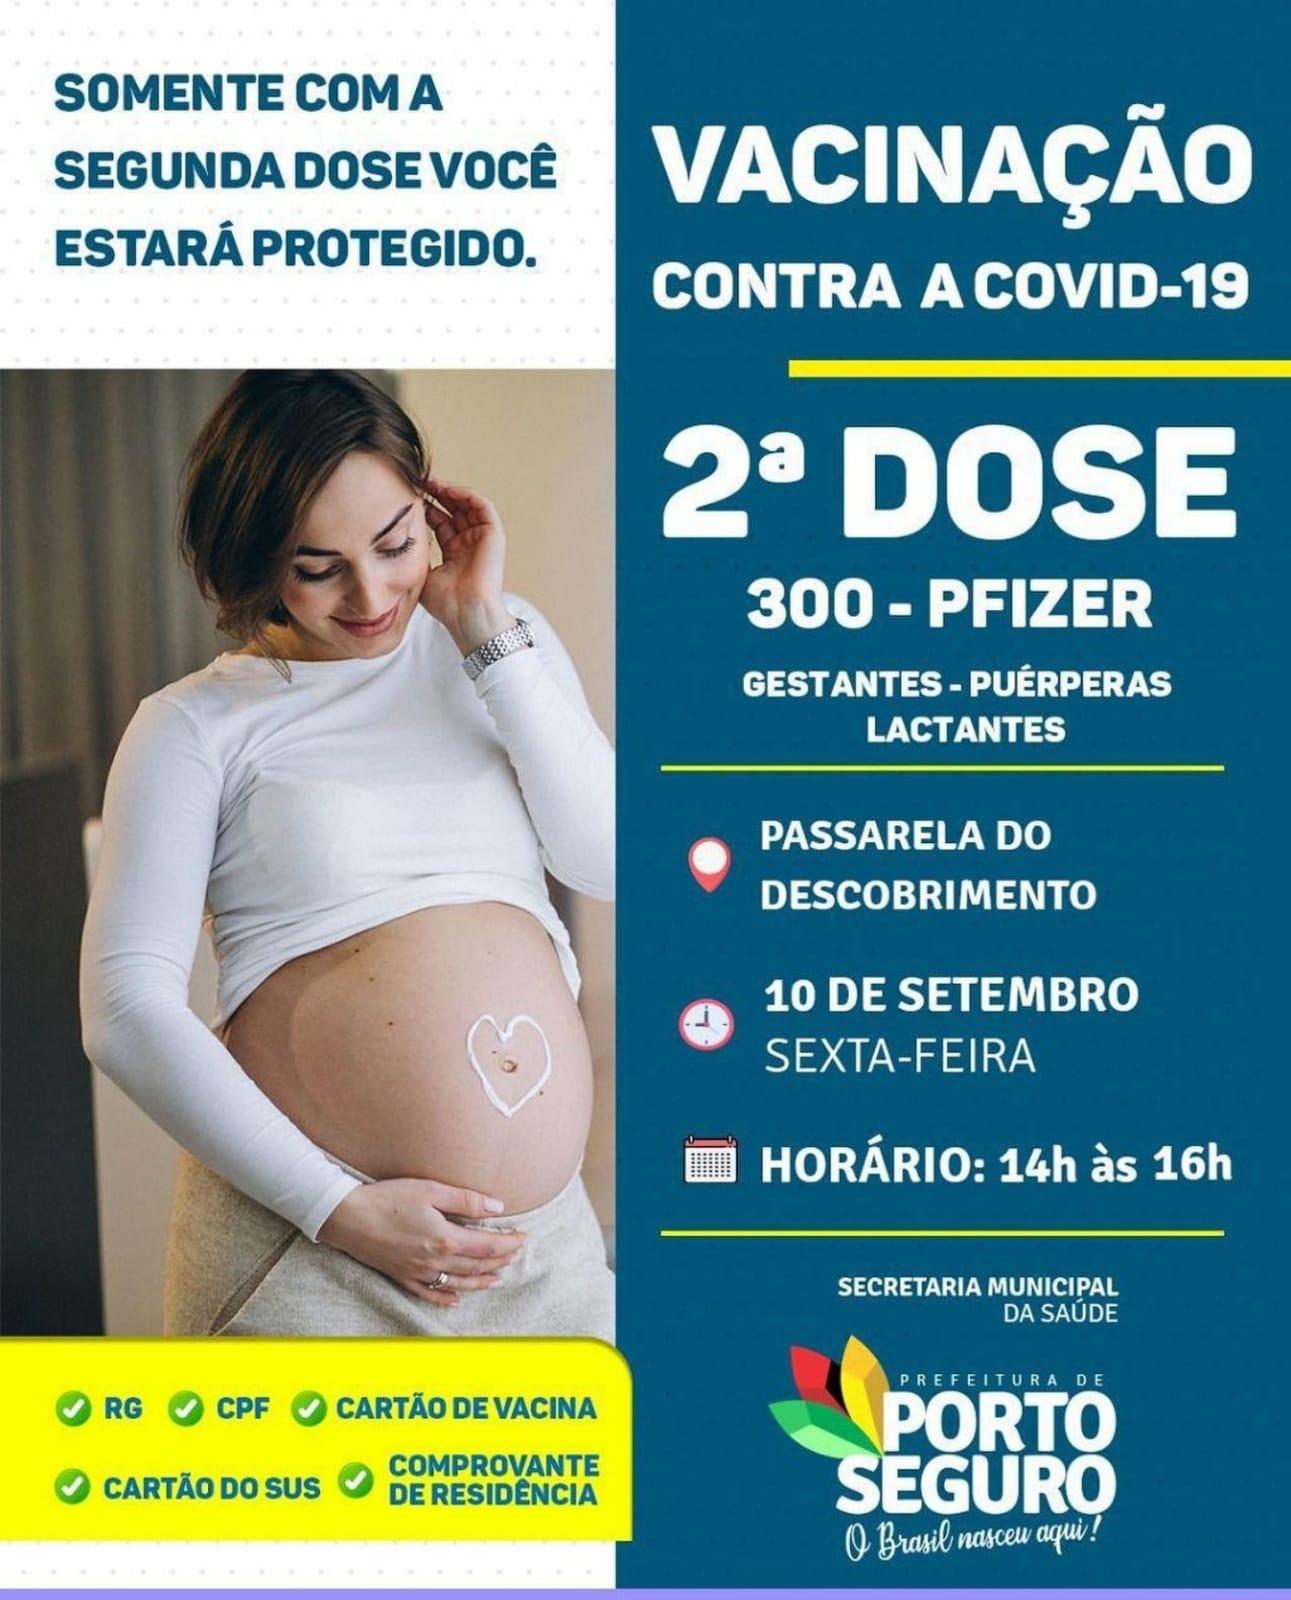 Porto Seguro: Cronograma de Vacinação contra a Covid-19 (10 de SETEMBRO) 23